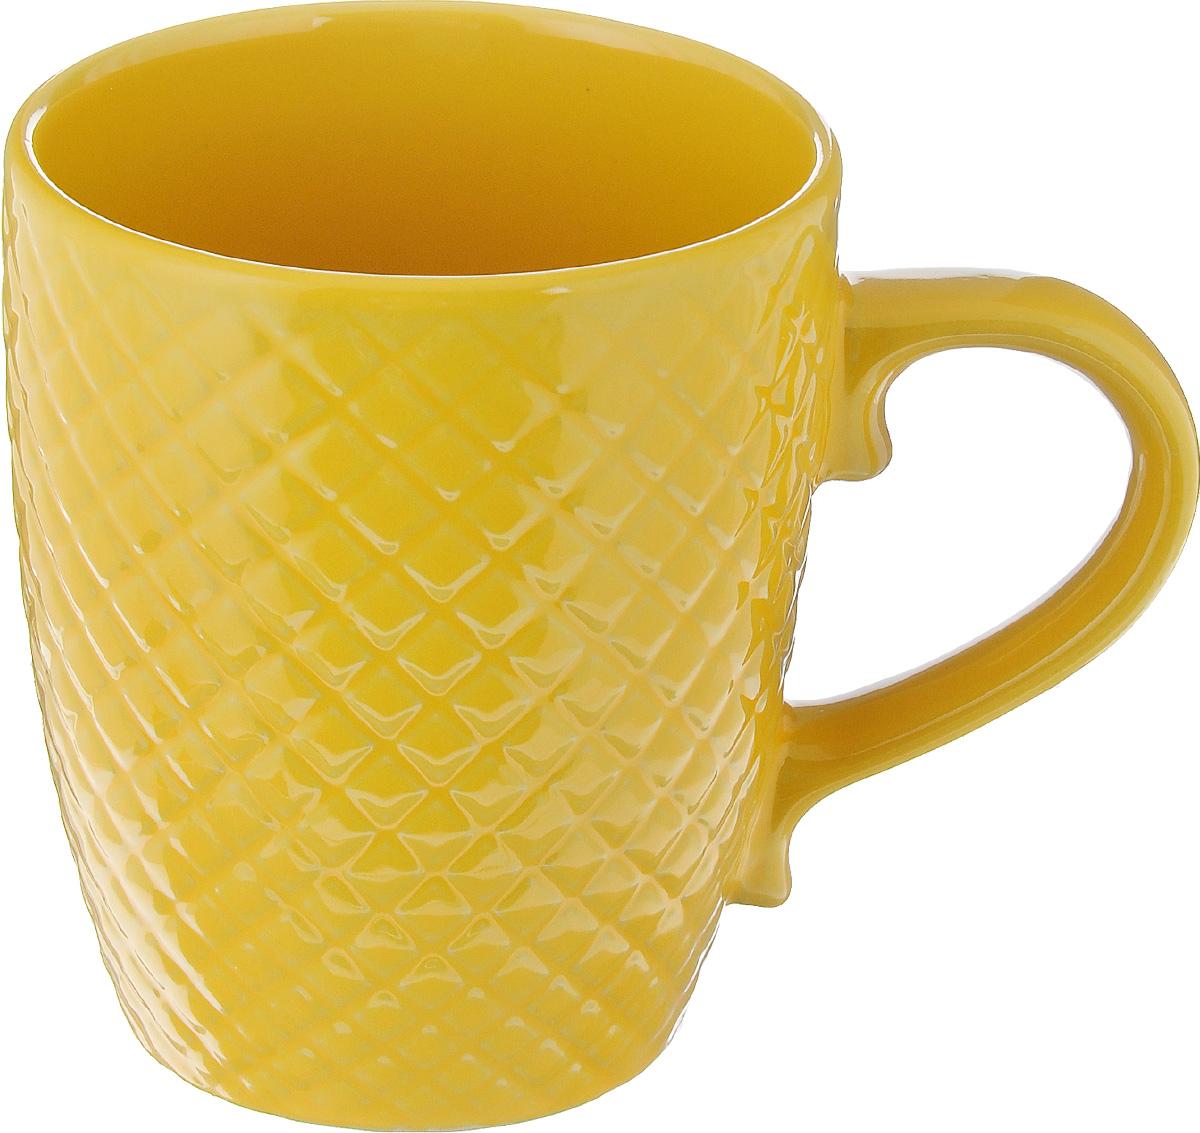 Кружка Walmer Amber, цвет: горчичный, 350 млW06122035Кружка Walmer Amber изготовлена из высококачественной керамики. Изделие оформлено изысканным рельефным орнаментом. Такая кружка прекрасно оформит стол к чаепитию и станет его неизменным атрибутом. Можно использовать в посудомоечной машине и СВЧ. Диаметр (по верхнему краю): 9 см. Диаметр основания: 6 см. Высота: 11 см.